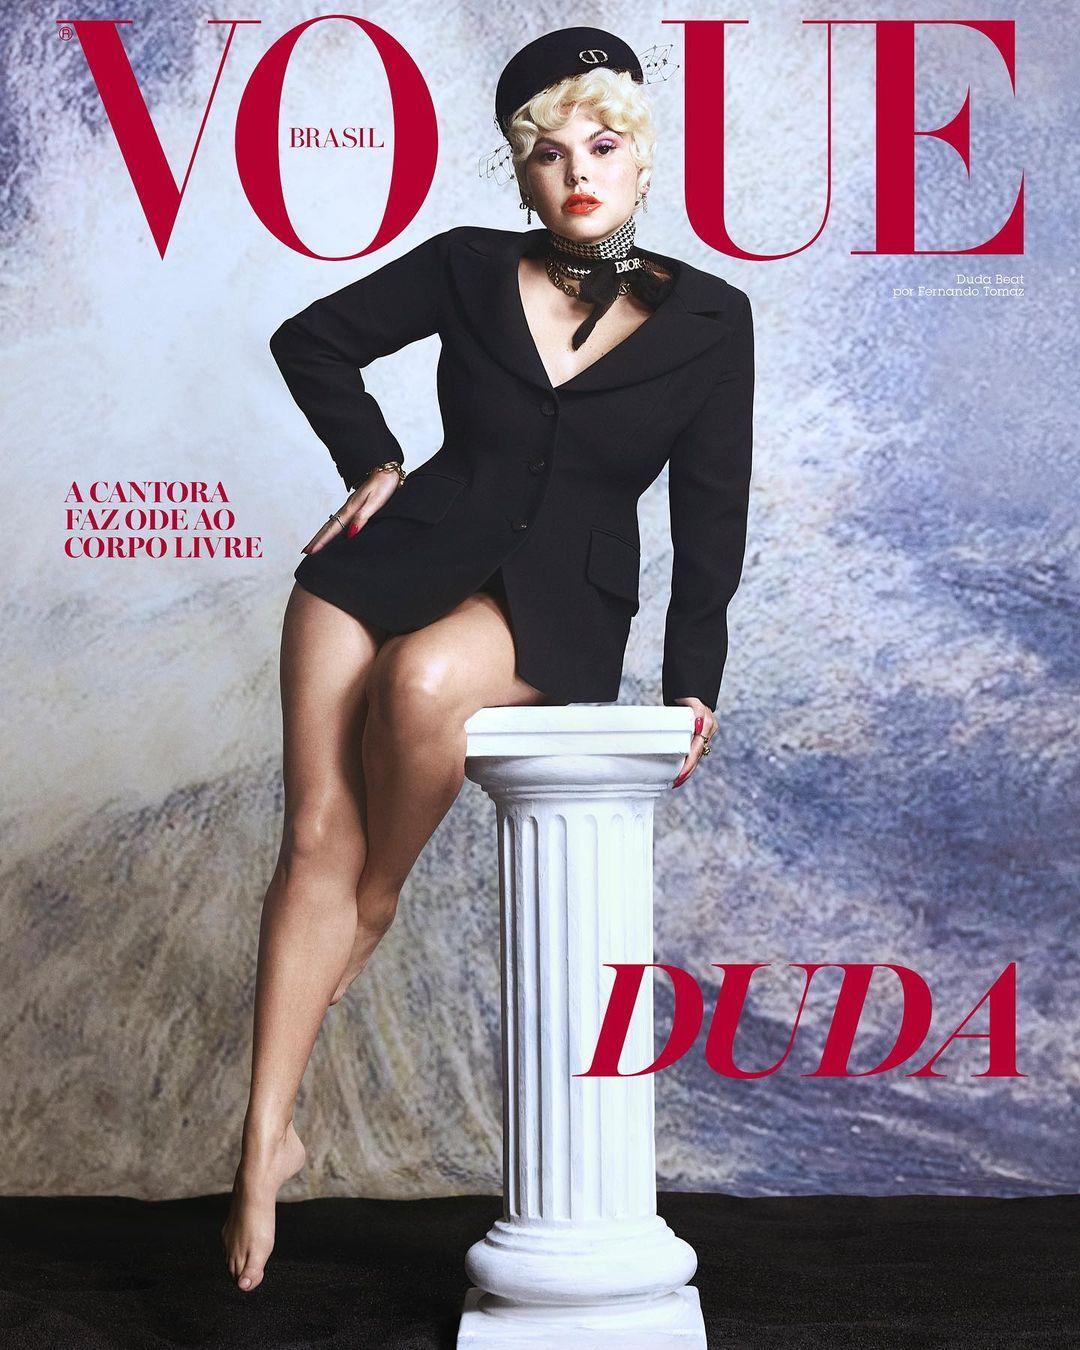 Imagem mostra capa da revista Vogue com Duda Beat